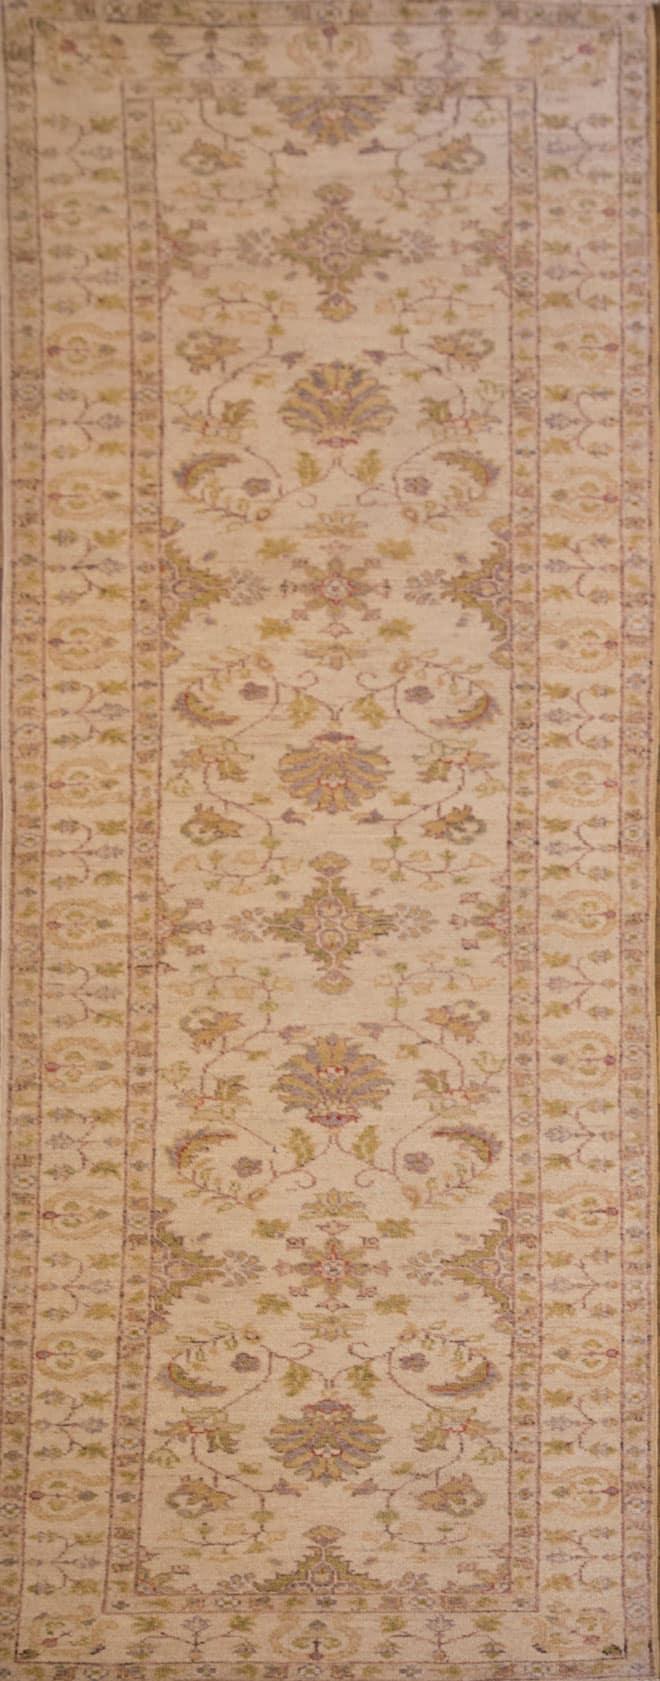 Oushak 30958 9 4x2 6 Nilipour Oriental Rugs